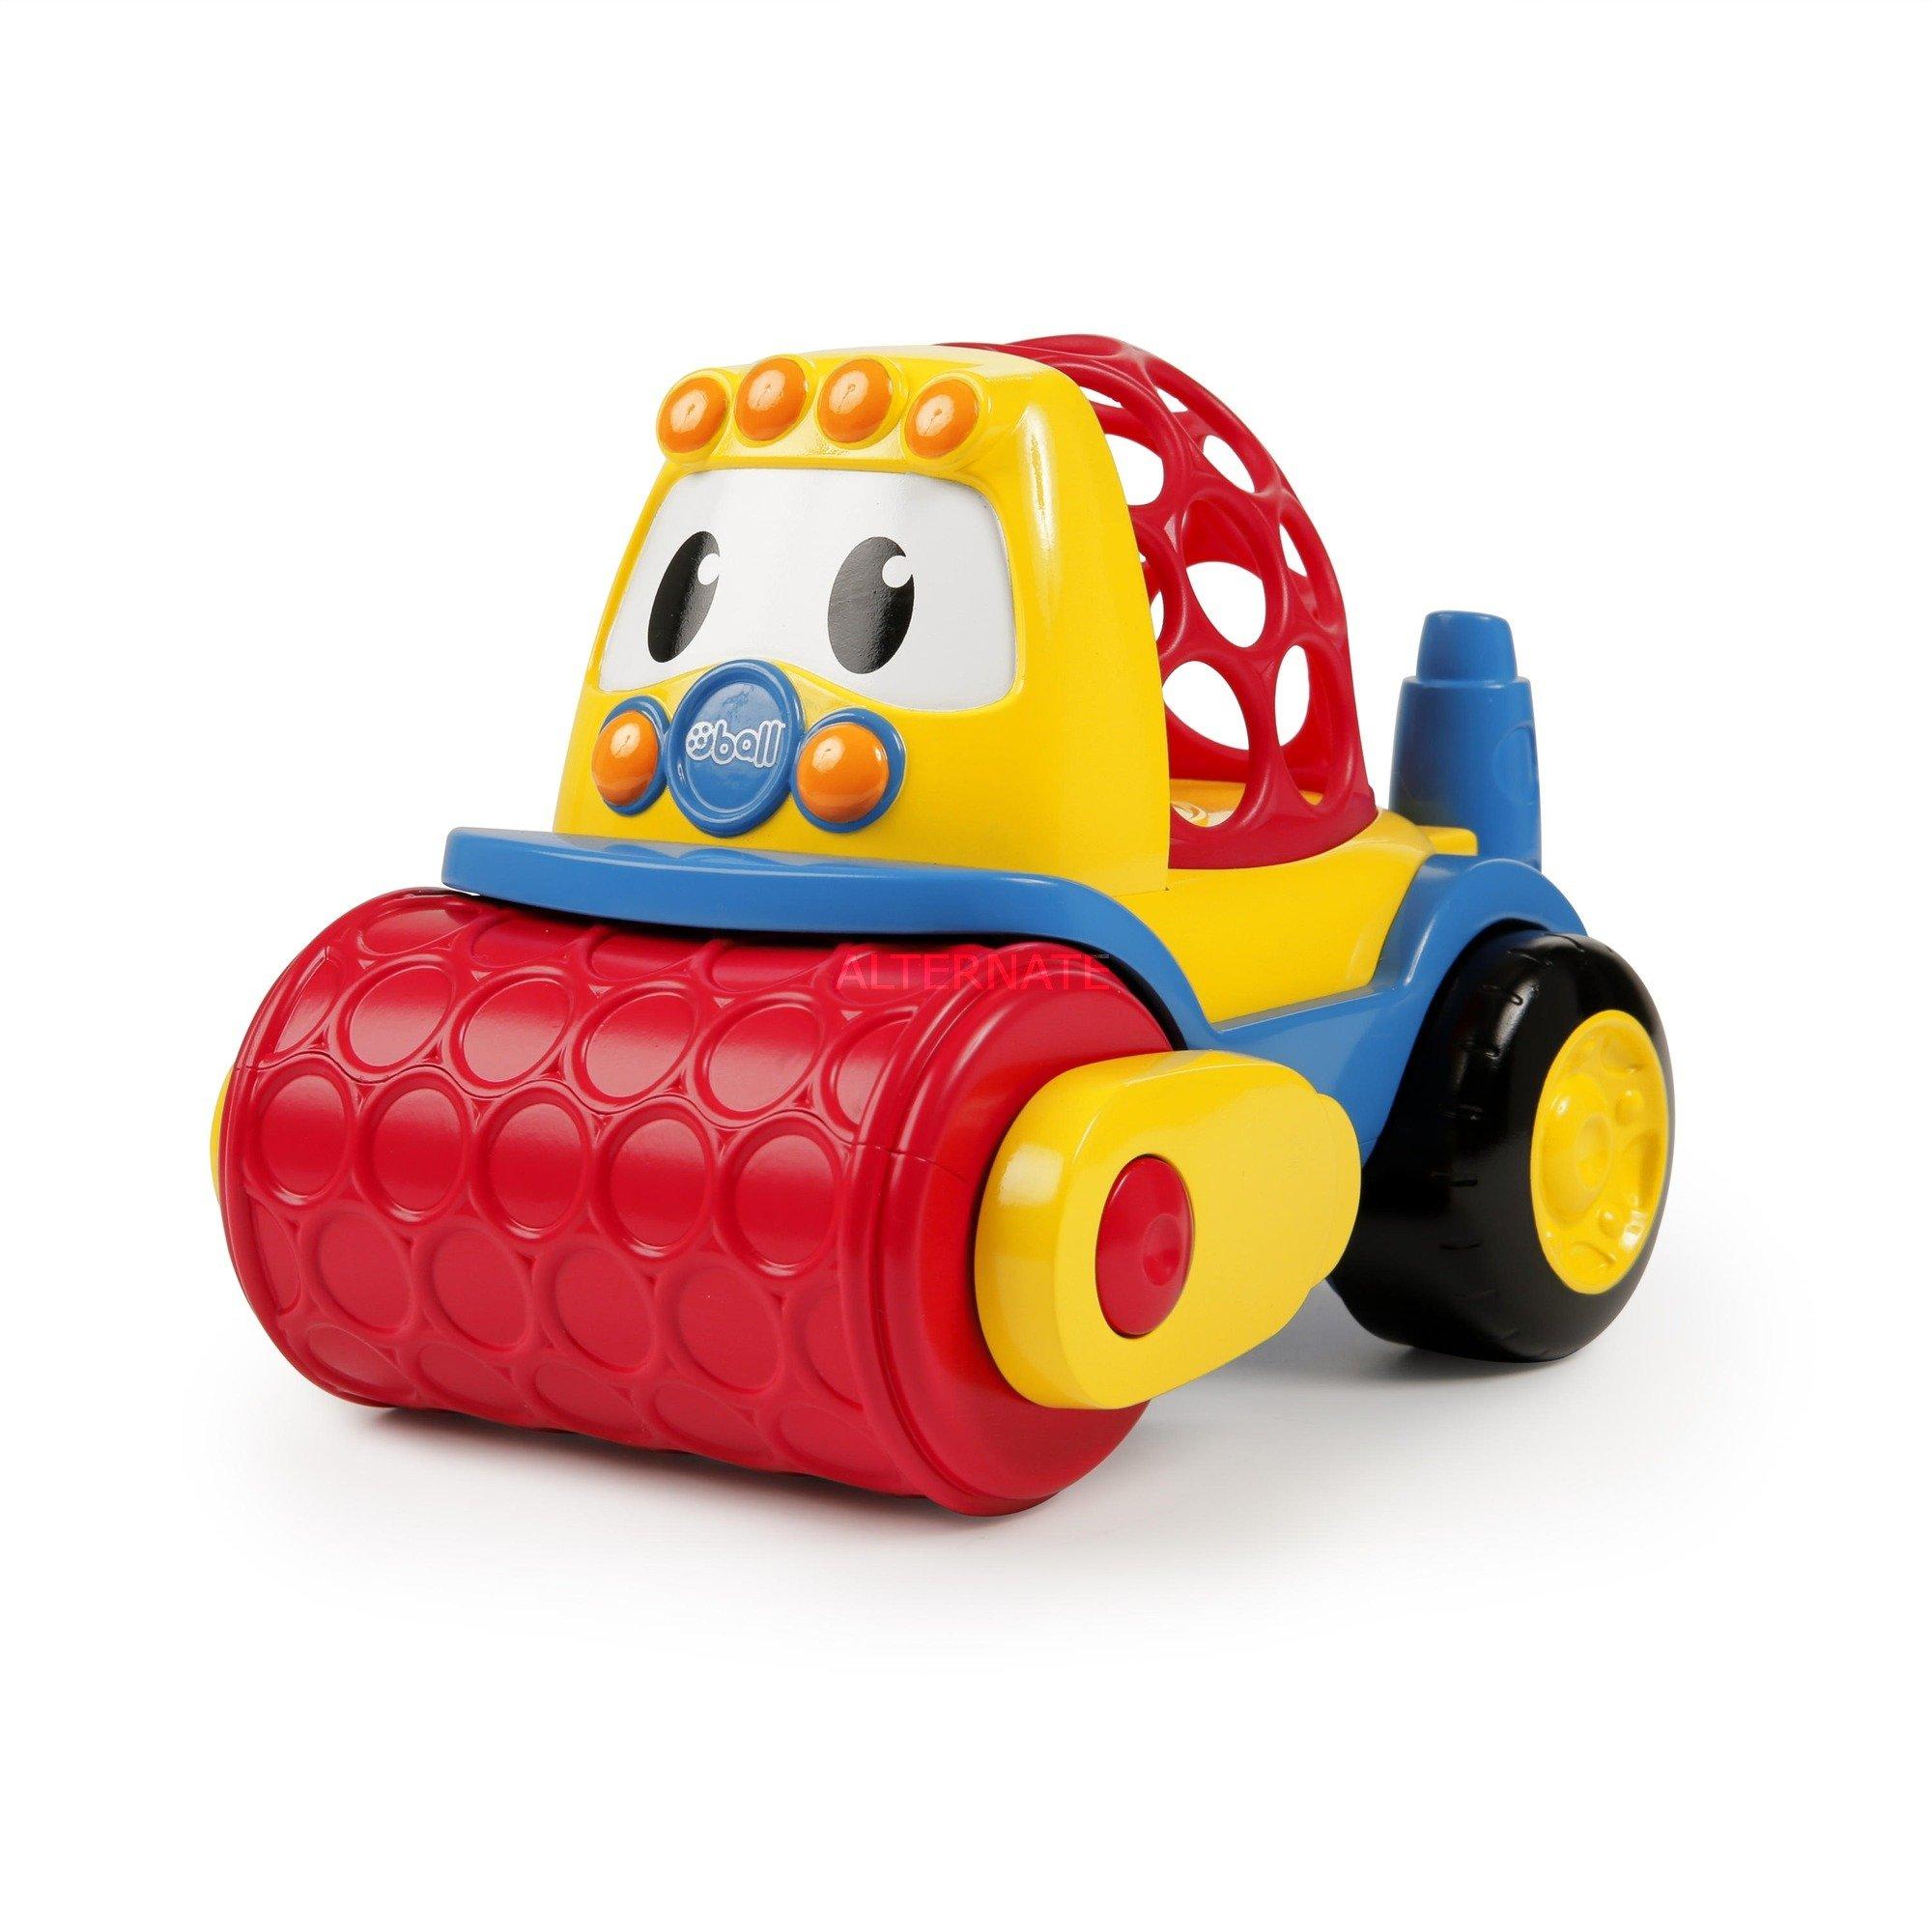 28541, Automóvil de construcción